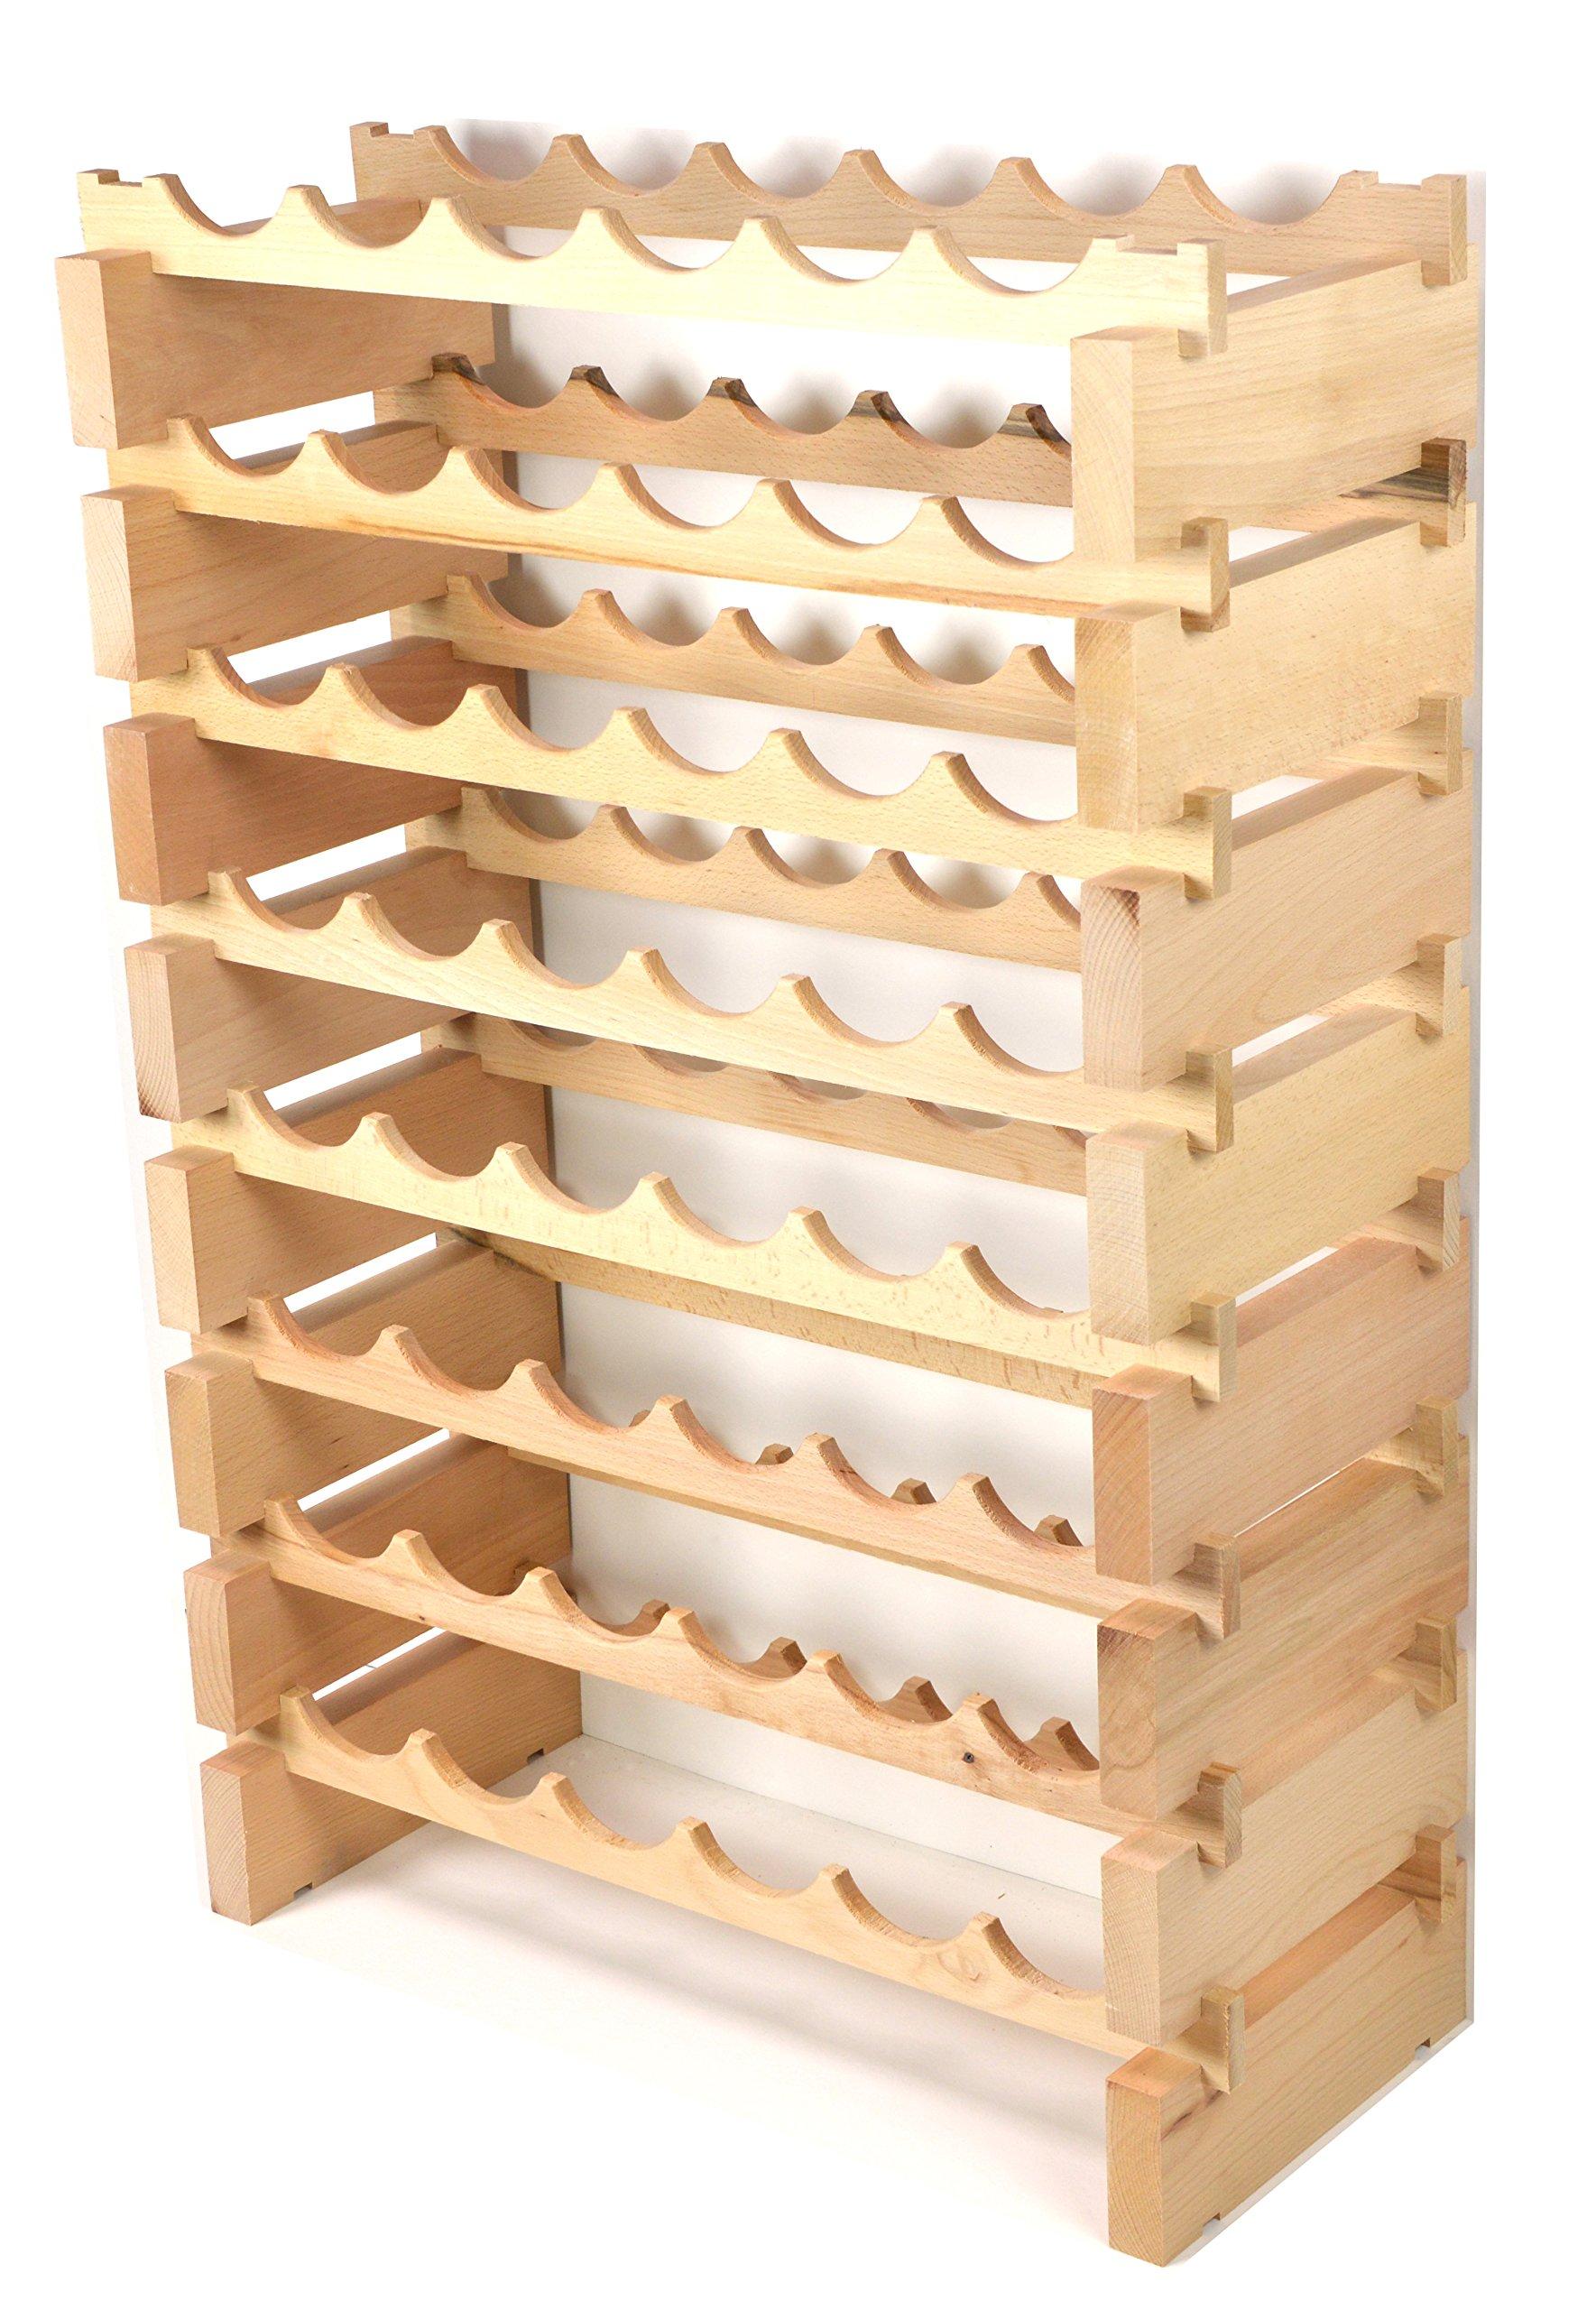 Modular botellero madera de pino 24 – 72 botella capacidad de almacenamiento 6 botellas en hasta 12 filas, apilable, nuevo modelo mejorado: Amazon.es: Hogar